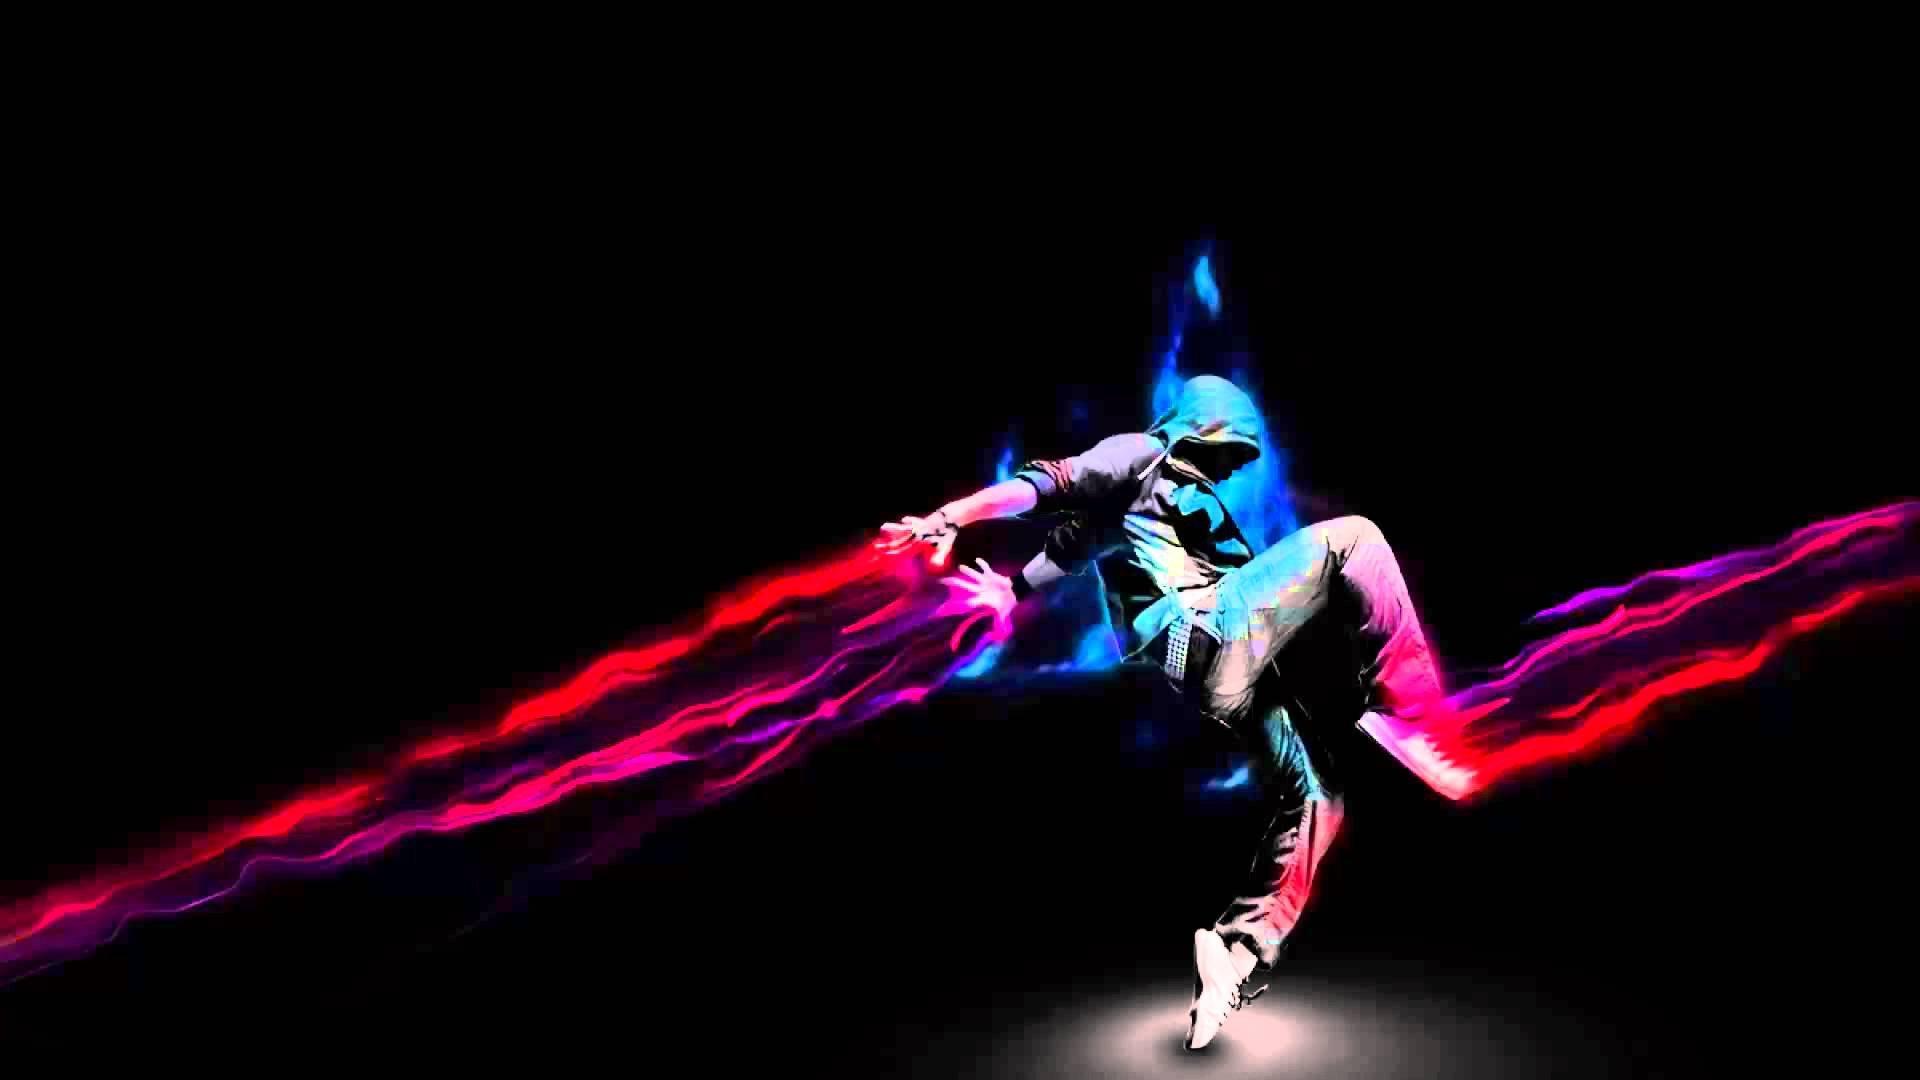 Hip Hop Dance Dancing Music Rap Rapper Urban Pop Wallpaper 1920x1080 813523 Wallpaperup